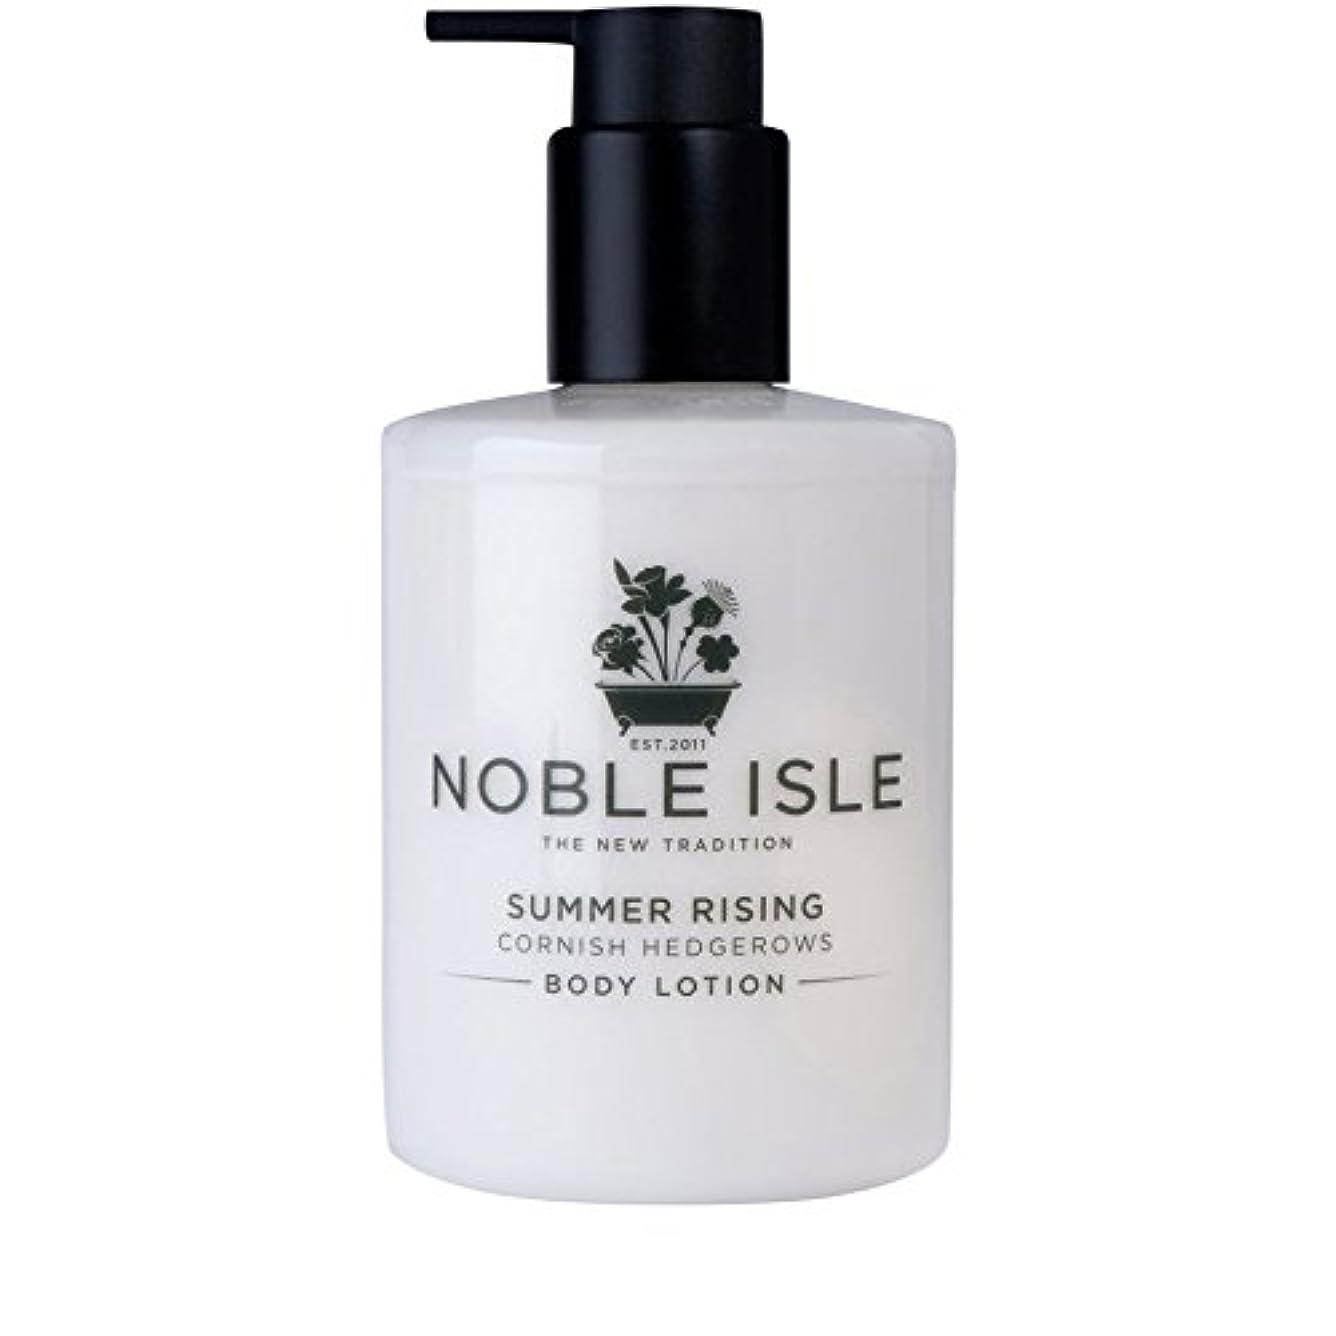 一致するランプシロクマコーニッシュ生け垣ボディローション250ミリリットルを上昇高貴な島の夏 x2 - Noble Isle Summer Rising Cornish Hedgerows Body Lotion 250ml (Pack of 2) [並行輸入品]